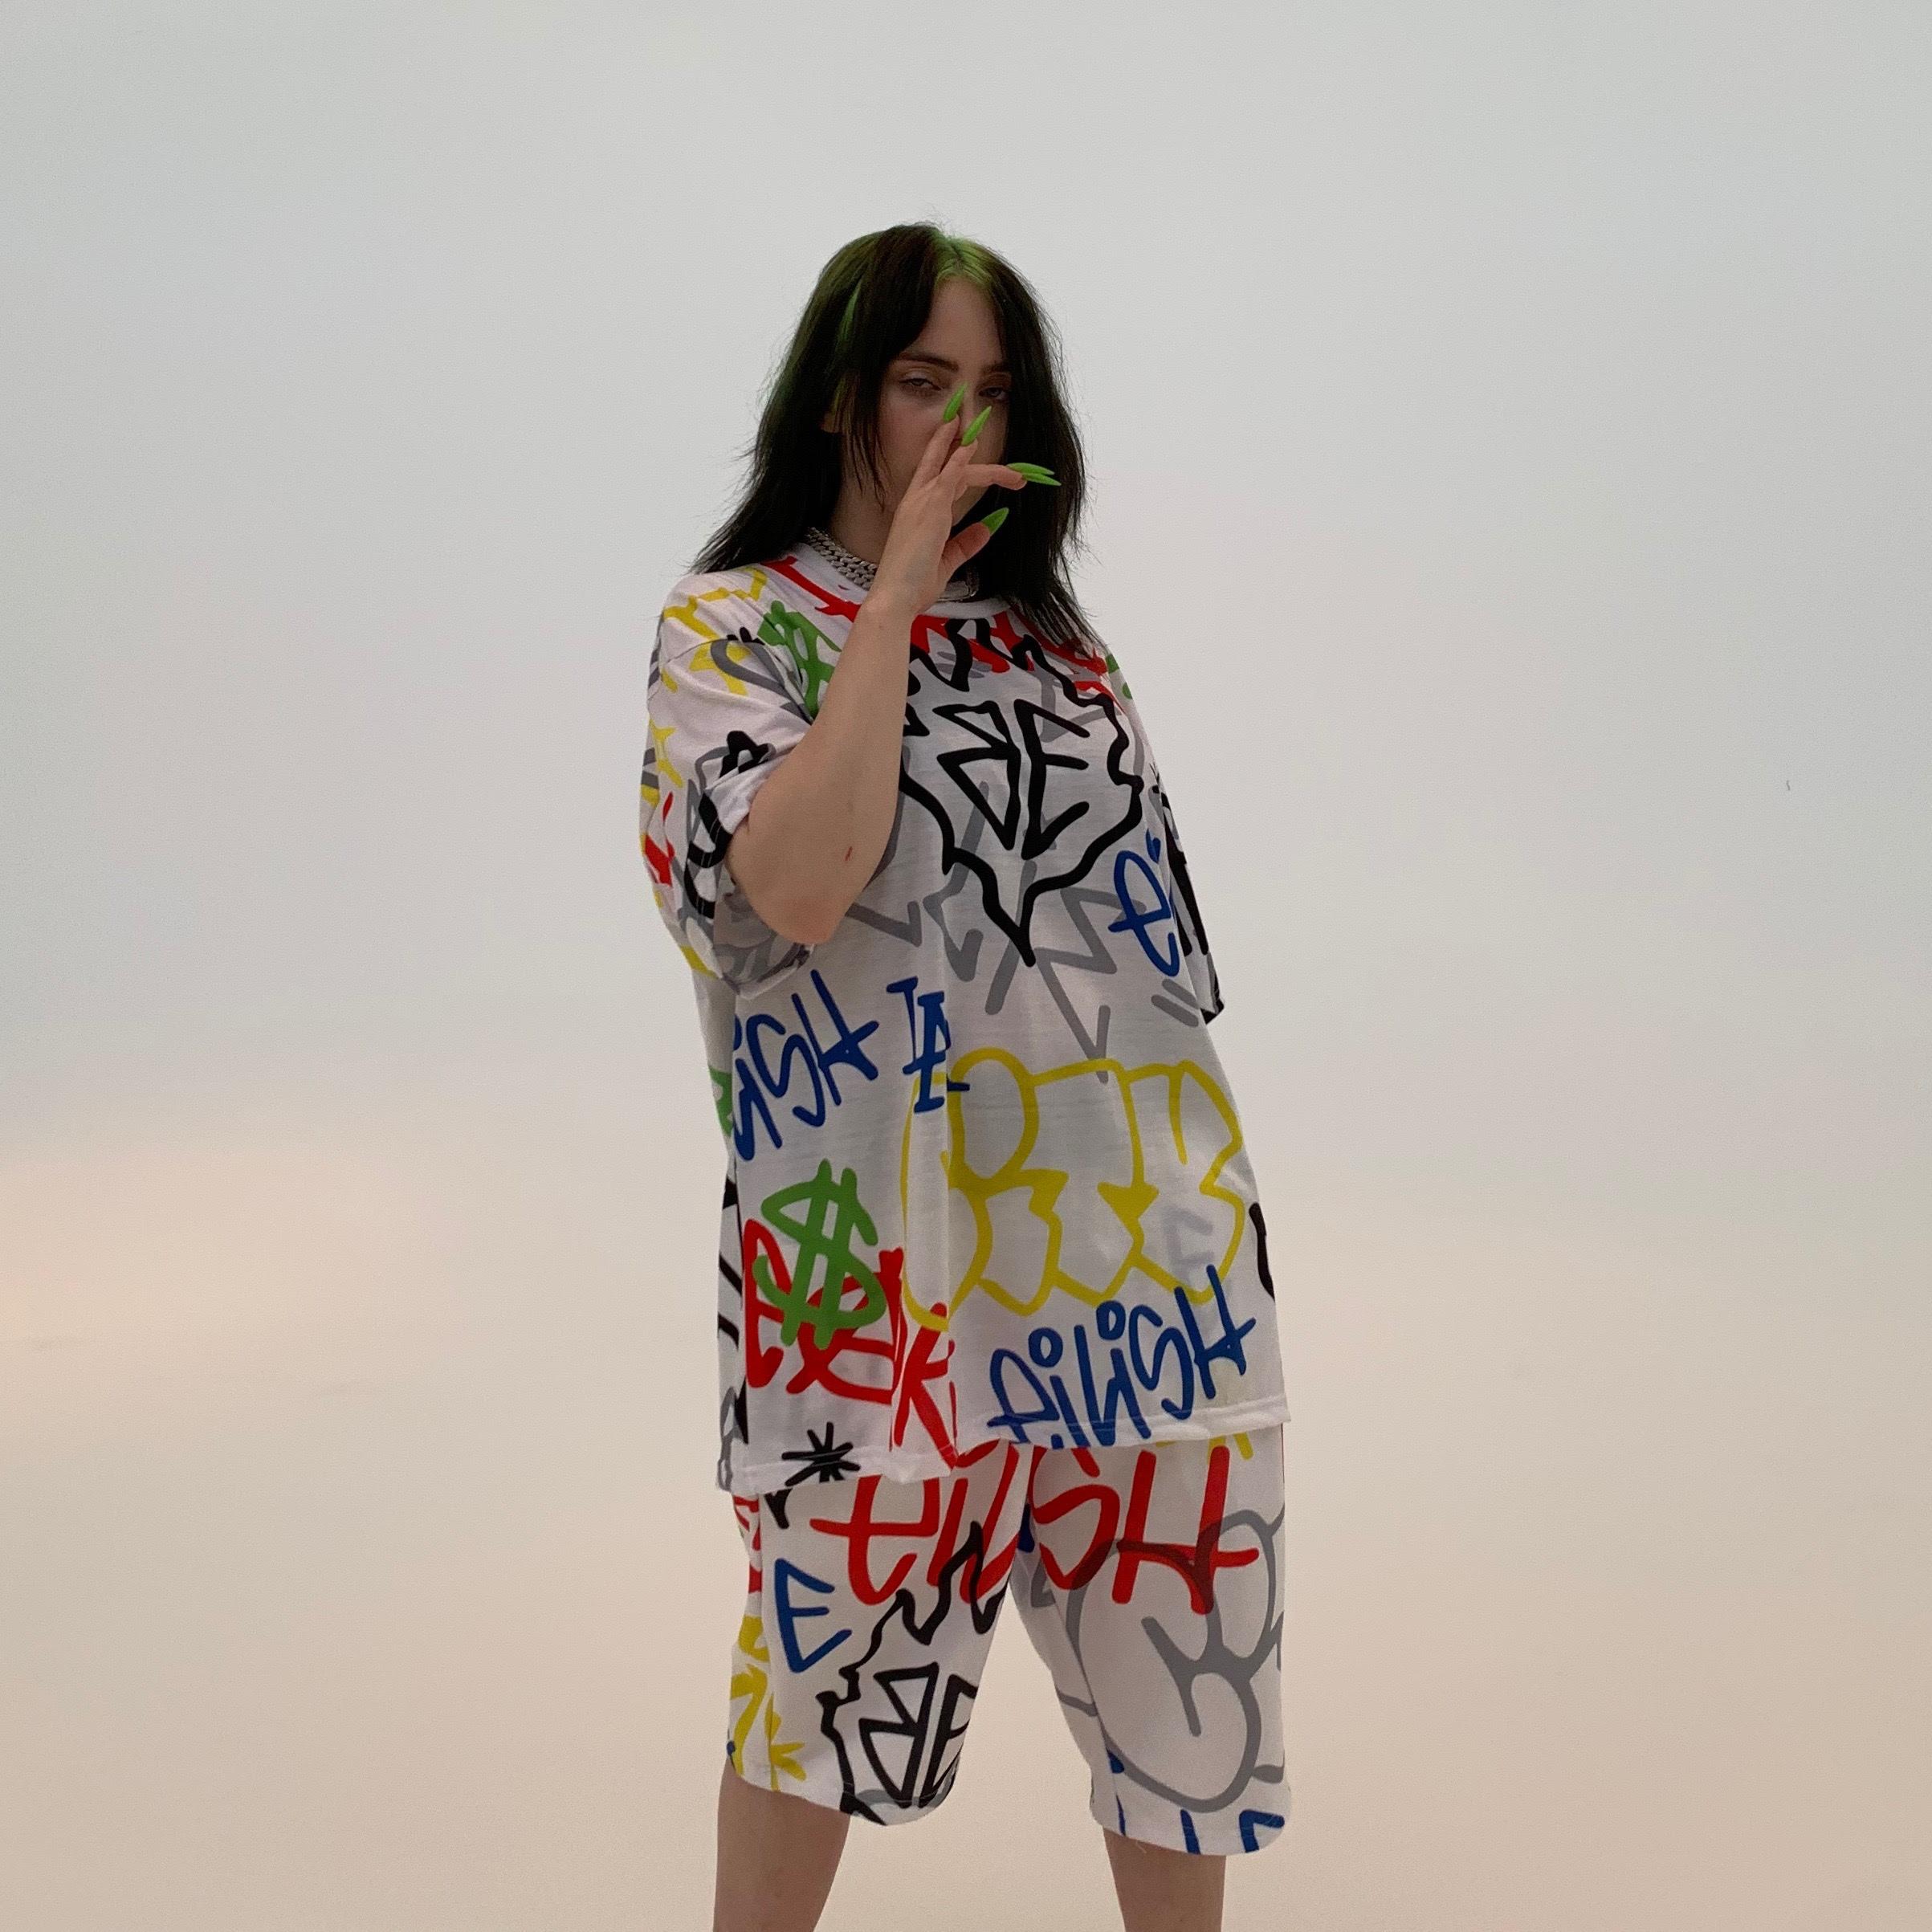 billie eilish launches 'freak city' fashion collection